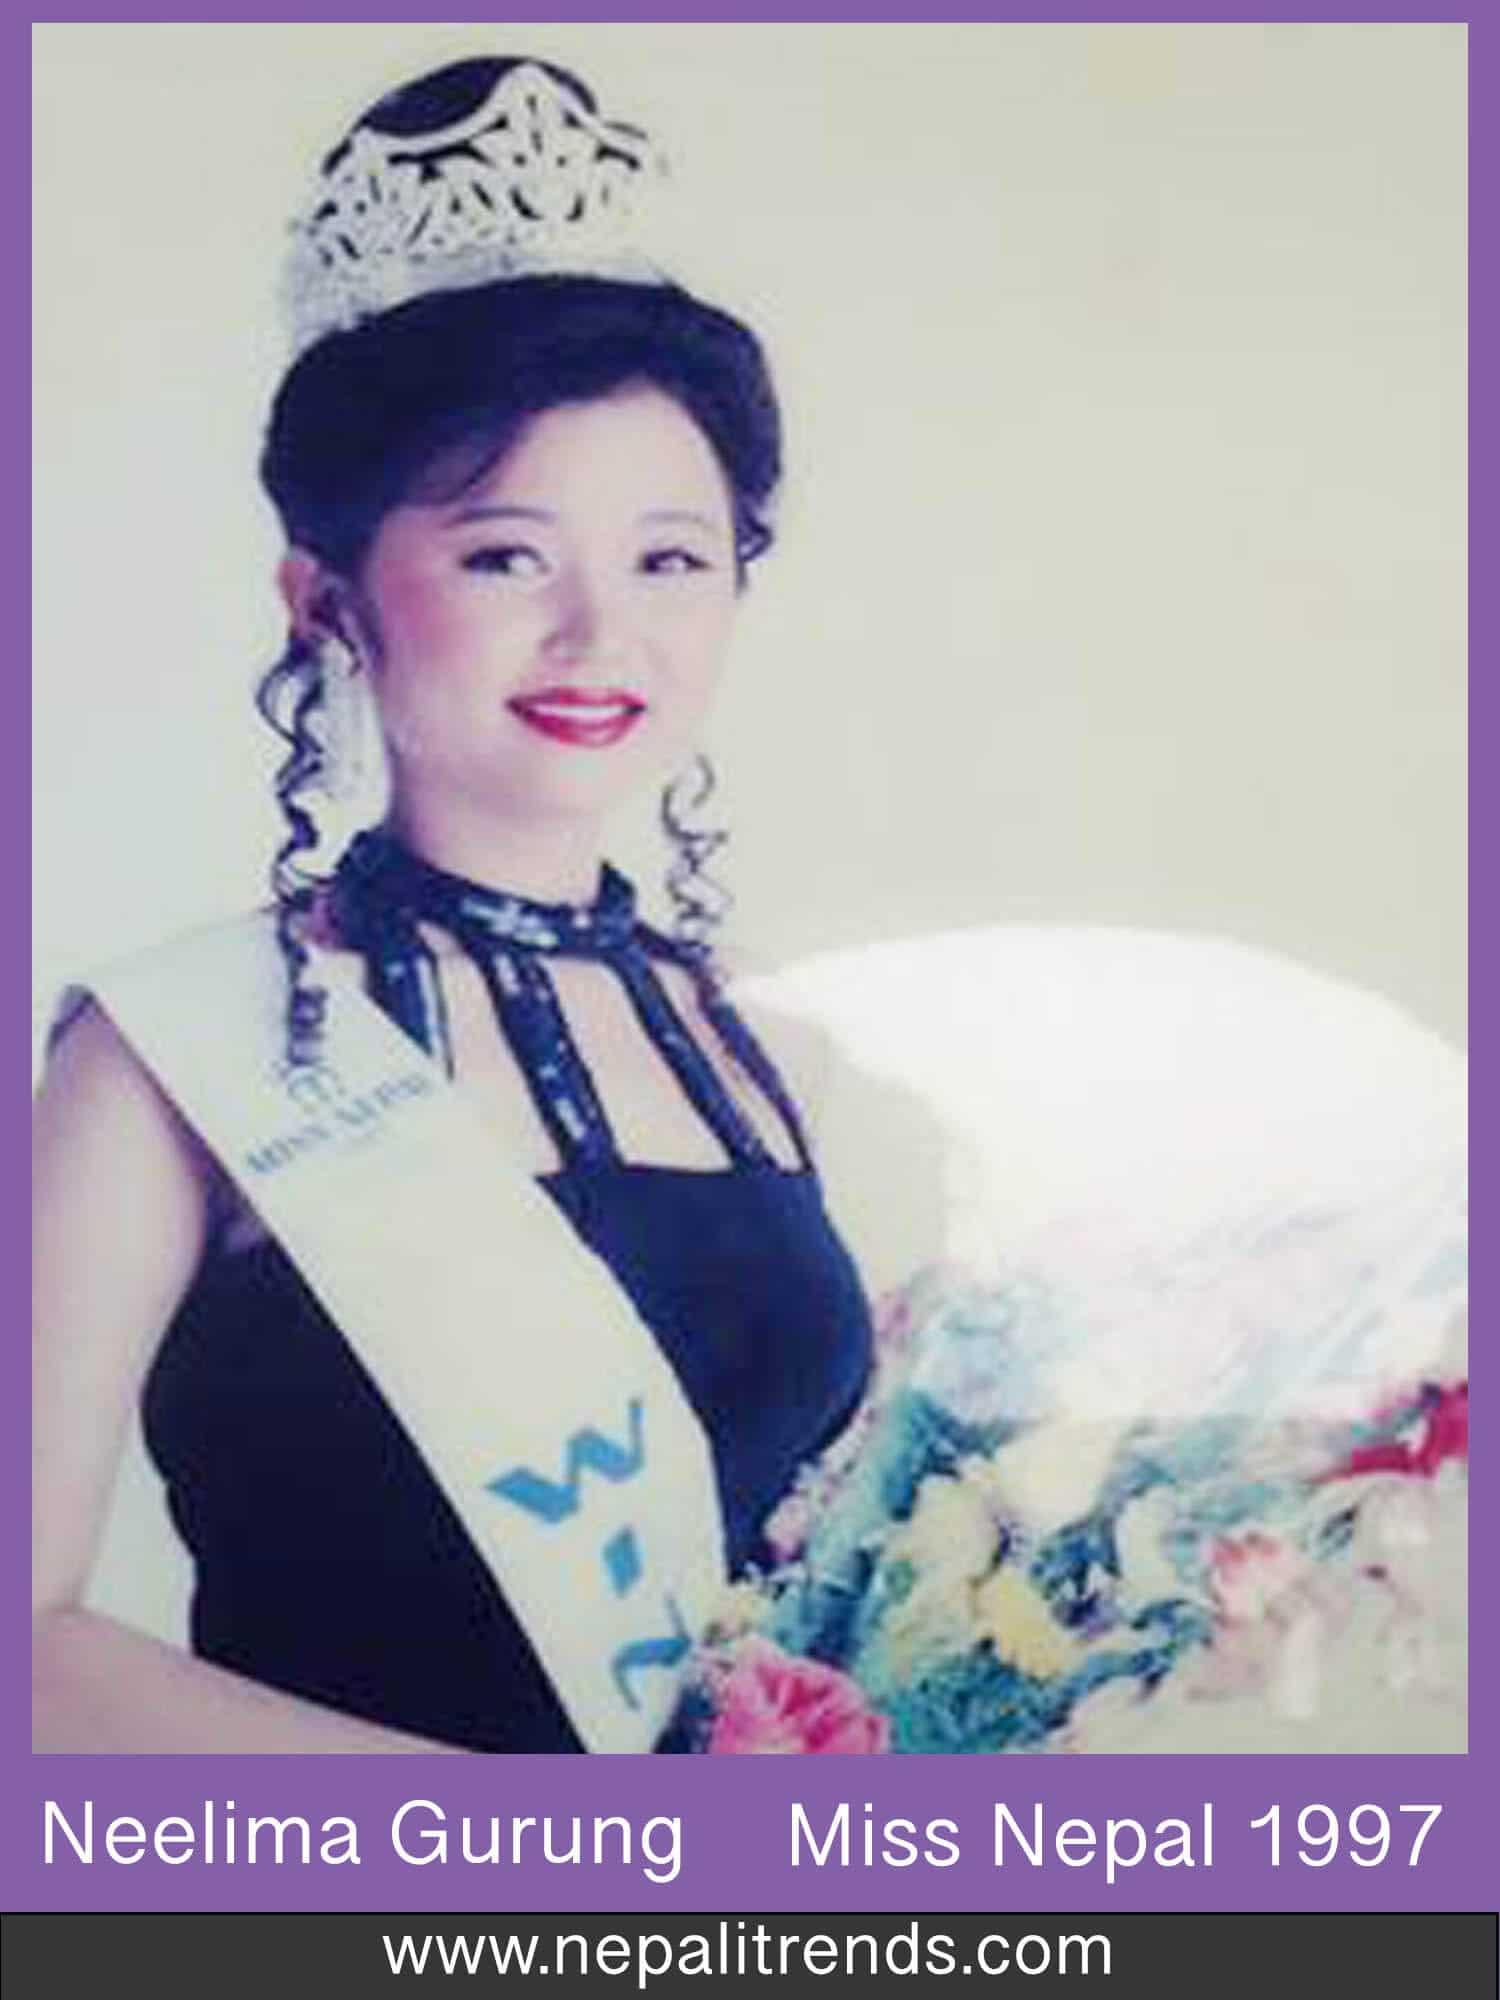 Neelima Gurung Miss Nepal 1997